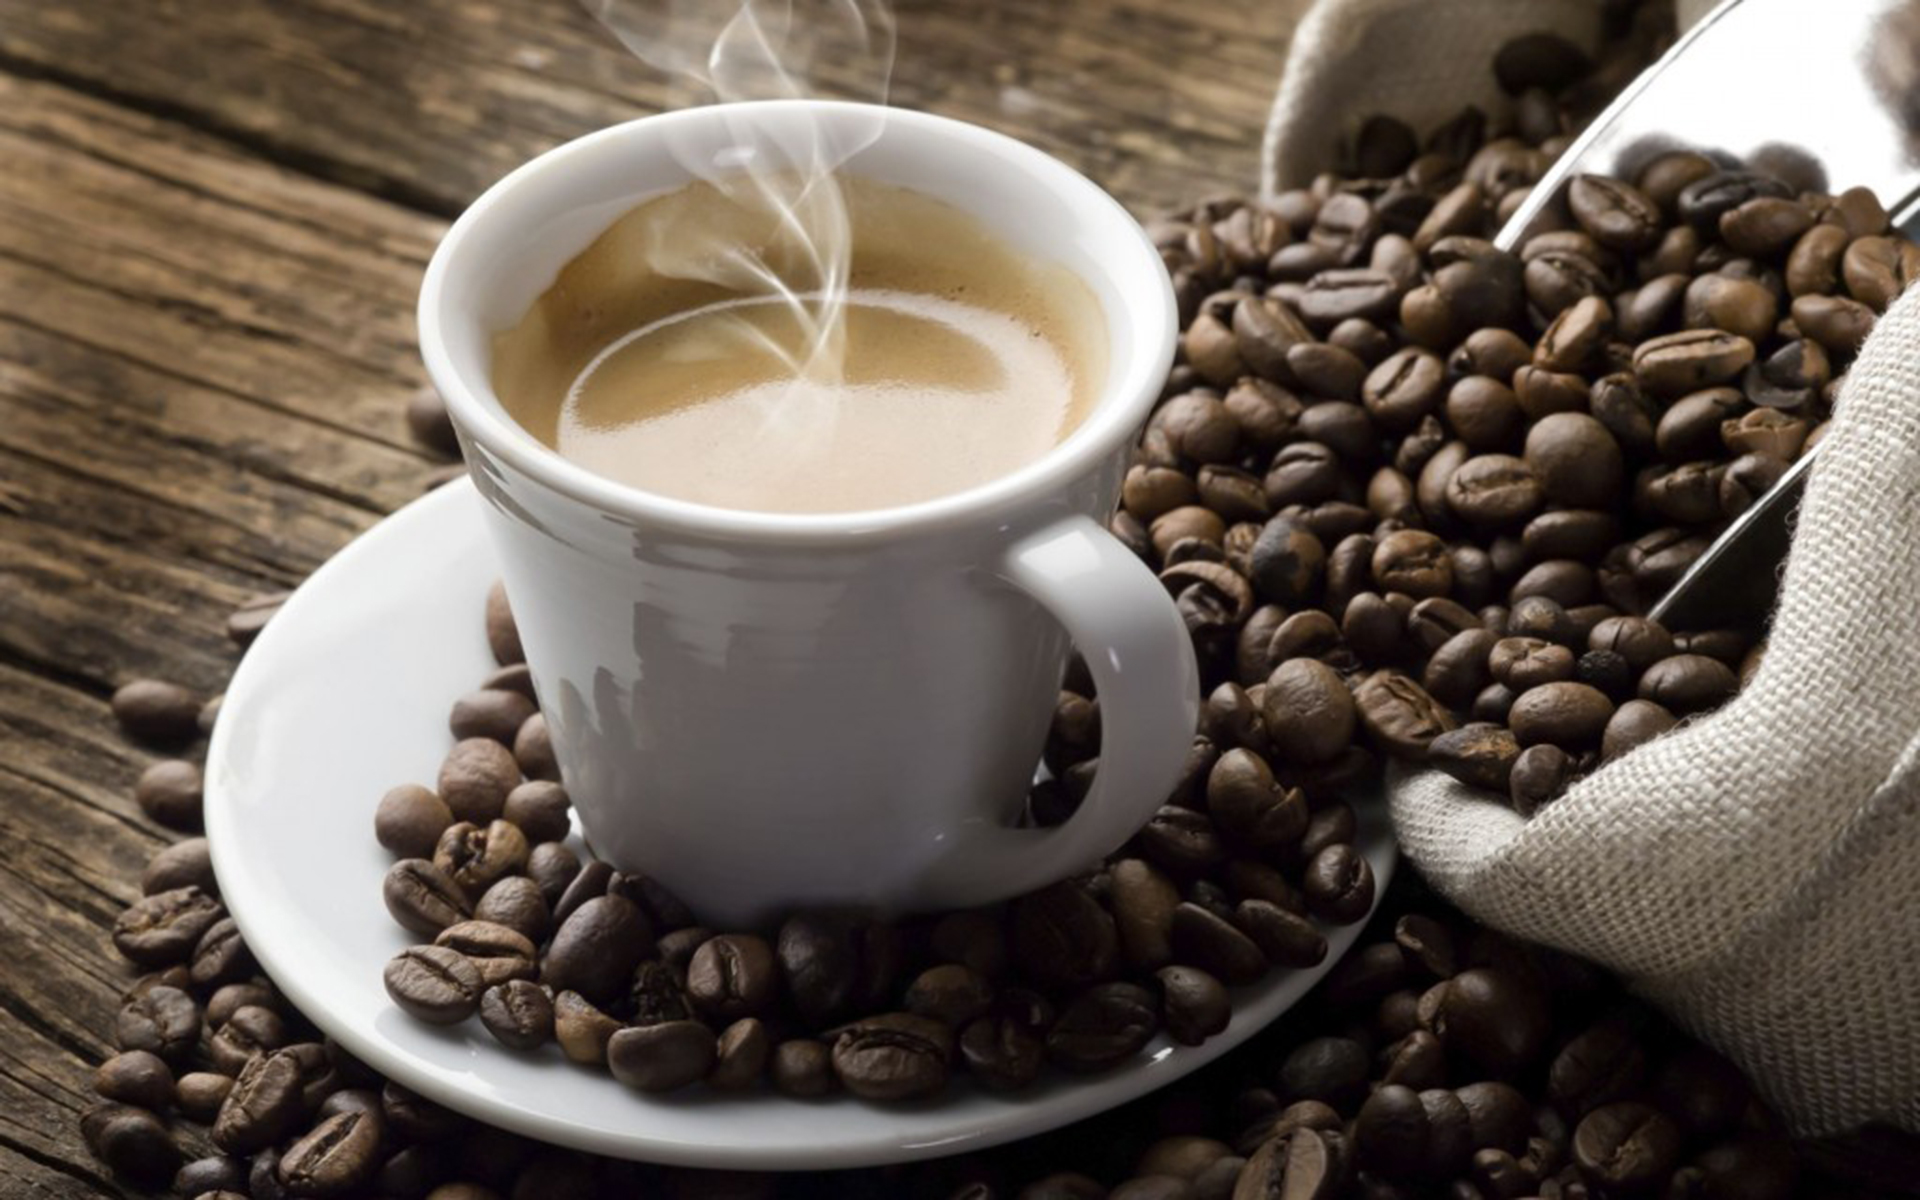 este cafea neagră eficientă pentru pierderea în greutate cel mai ieftin supliment de pierdere în greutate